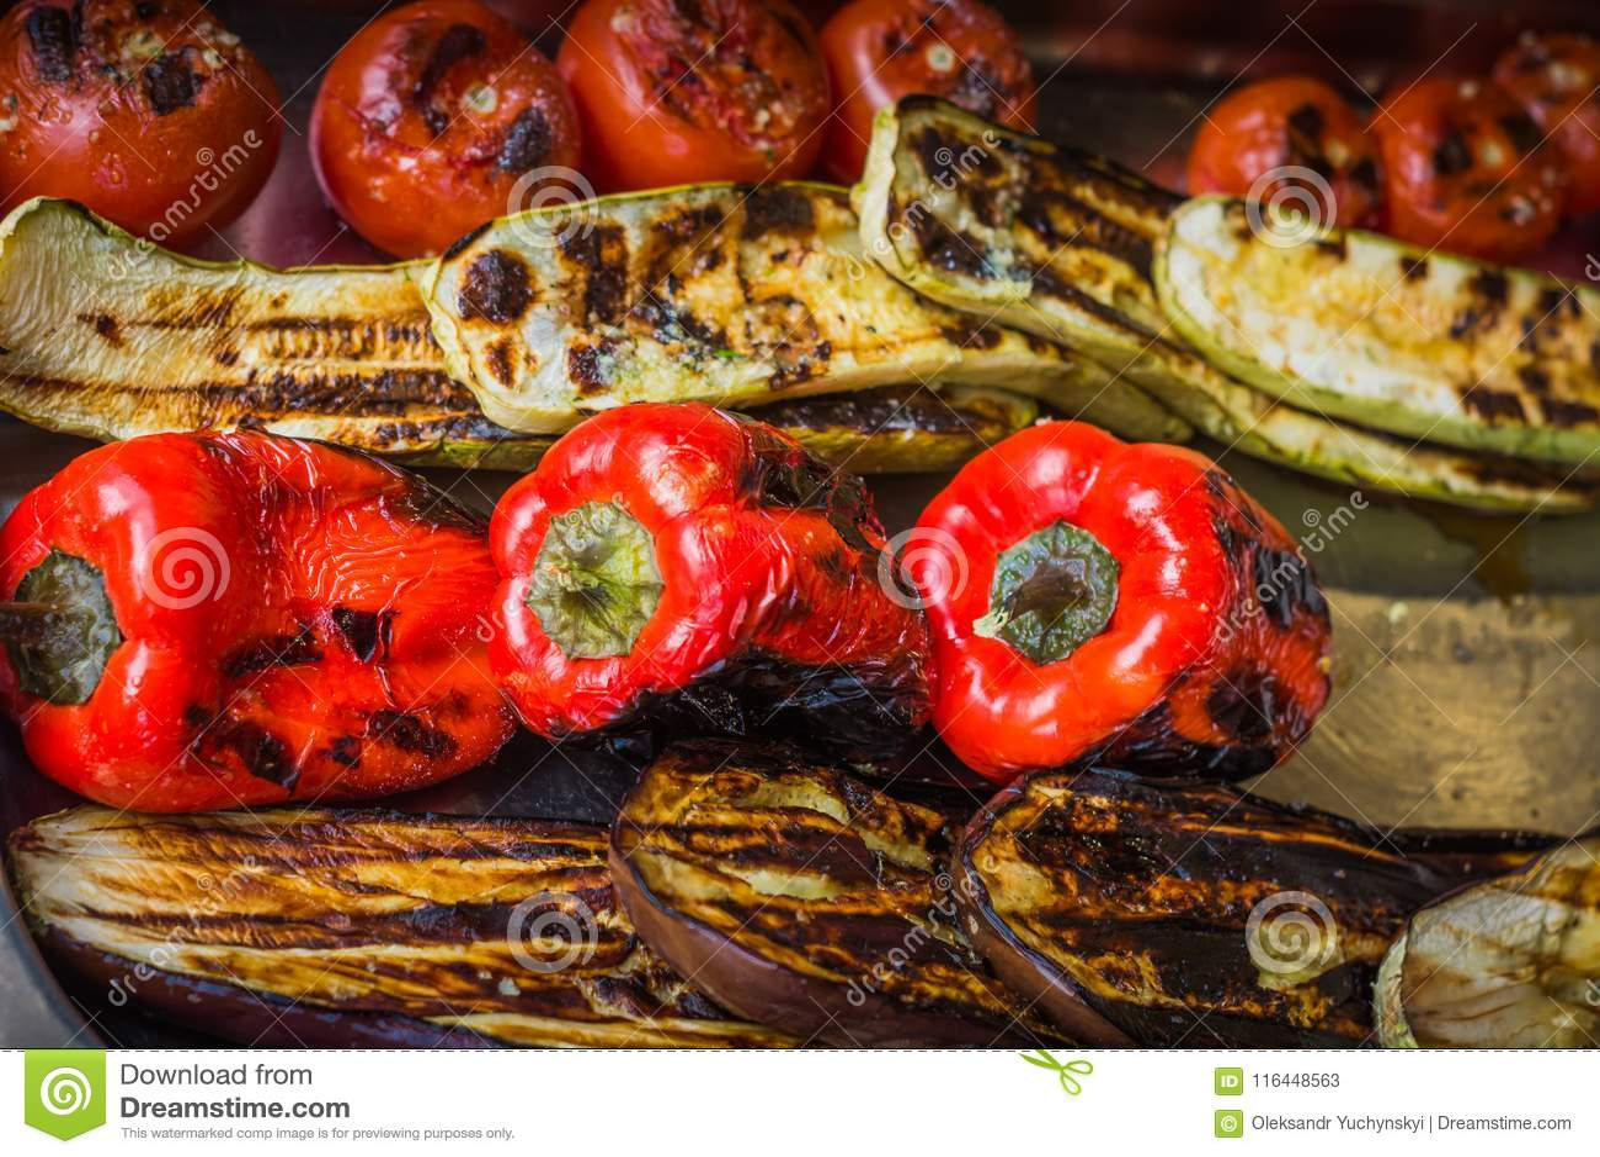 Pieprze, aubergines, pomidory, zucchini, i